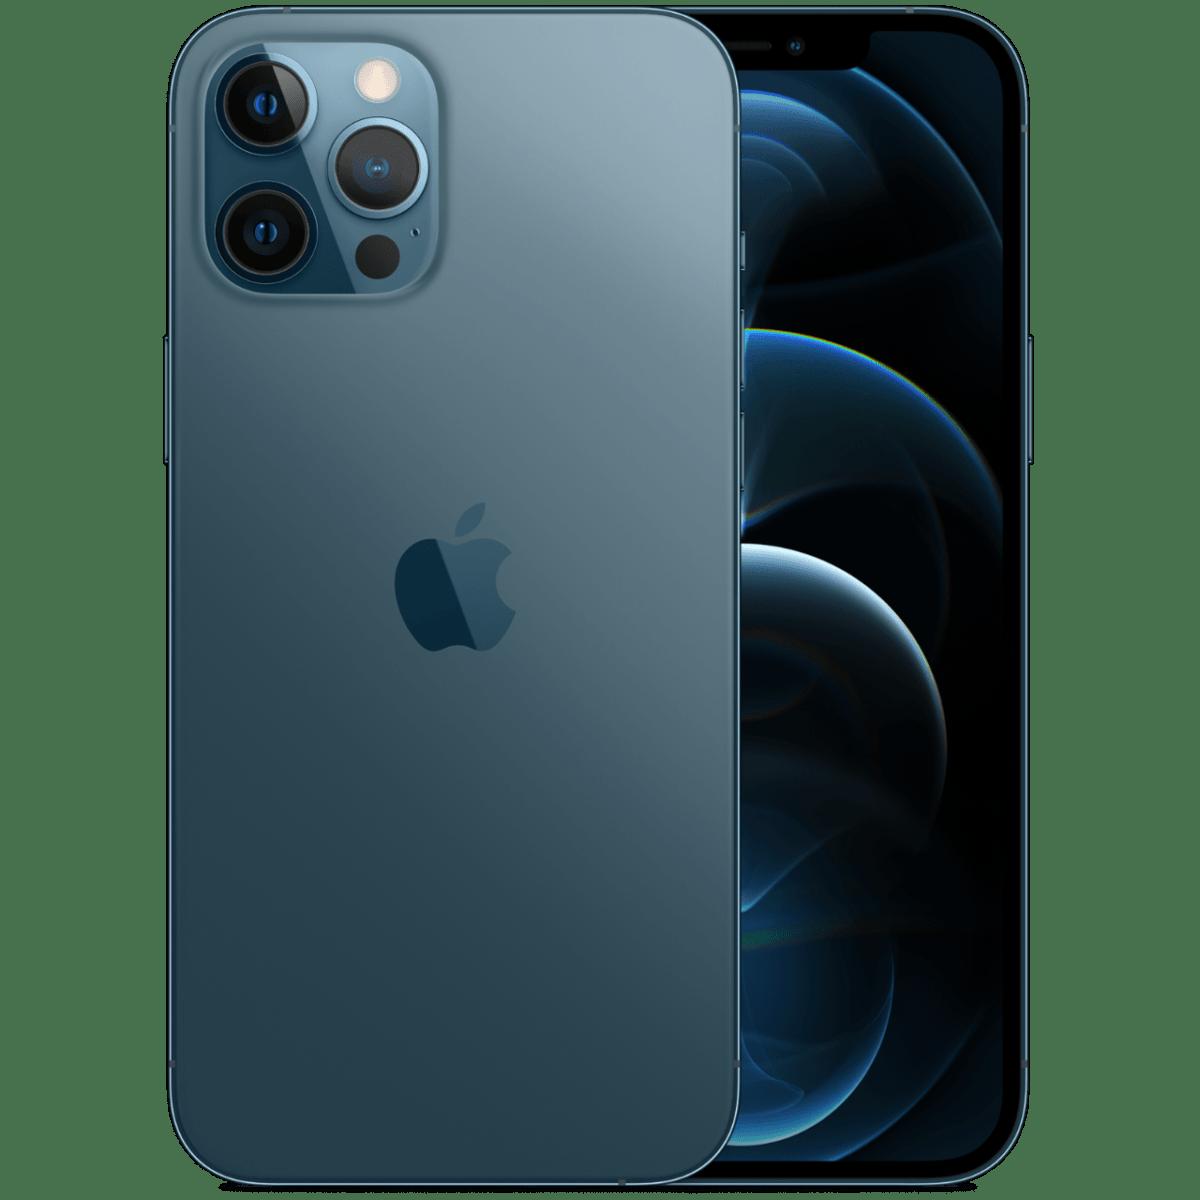 L'iPhone 12 Pro Max aurait une plus petite batterie que son prédécesseur